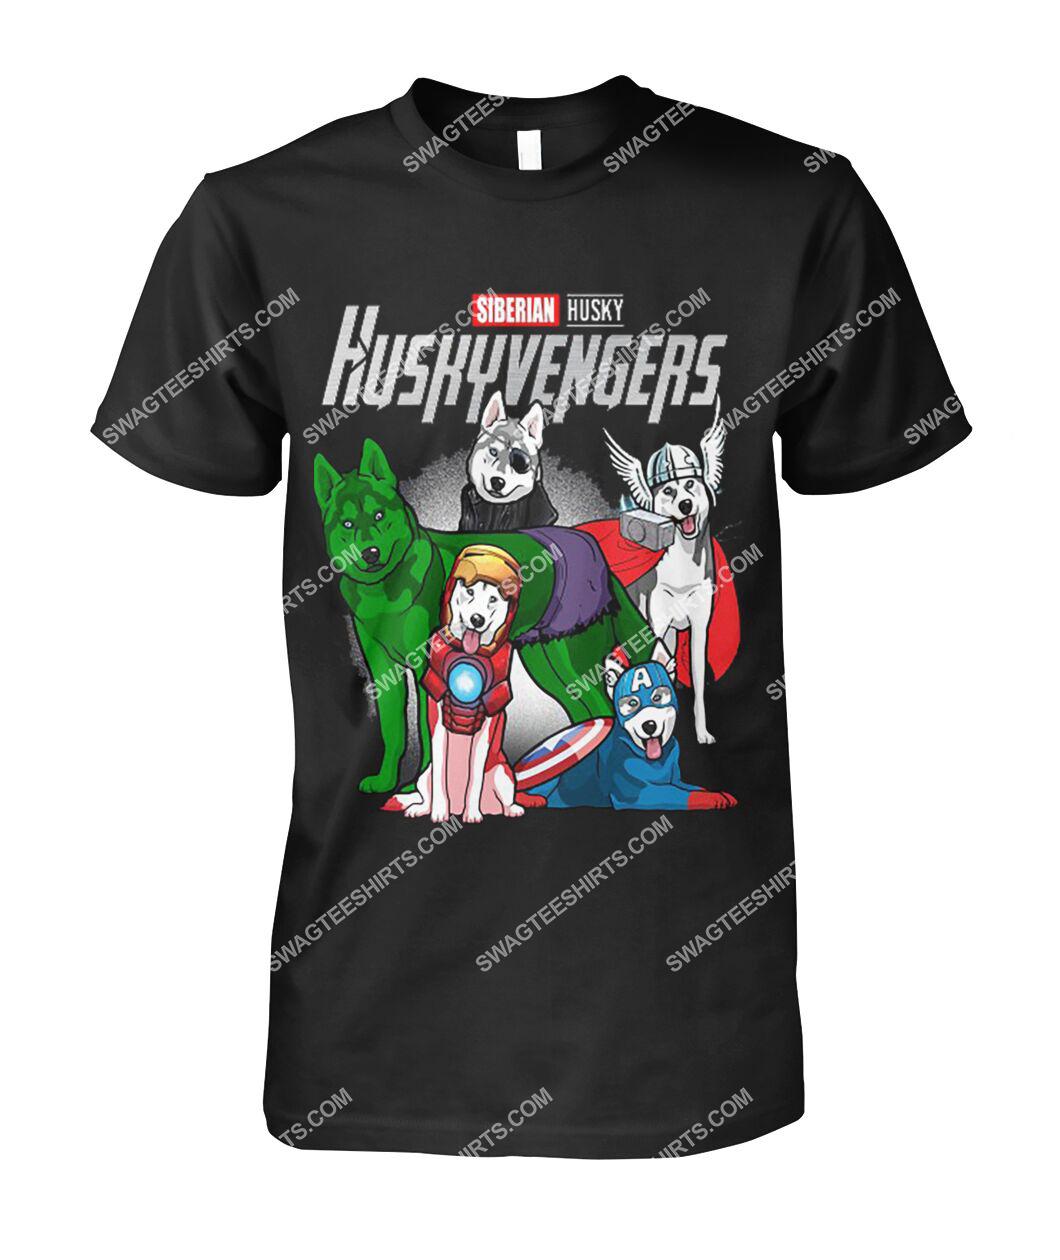 siberian husky huskyvengers marvel avengers dogs lover tshirt 1